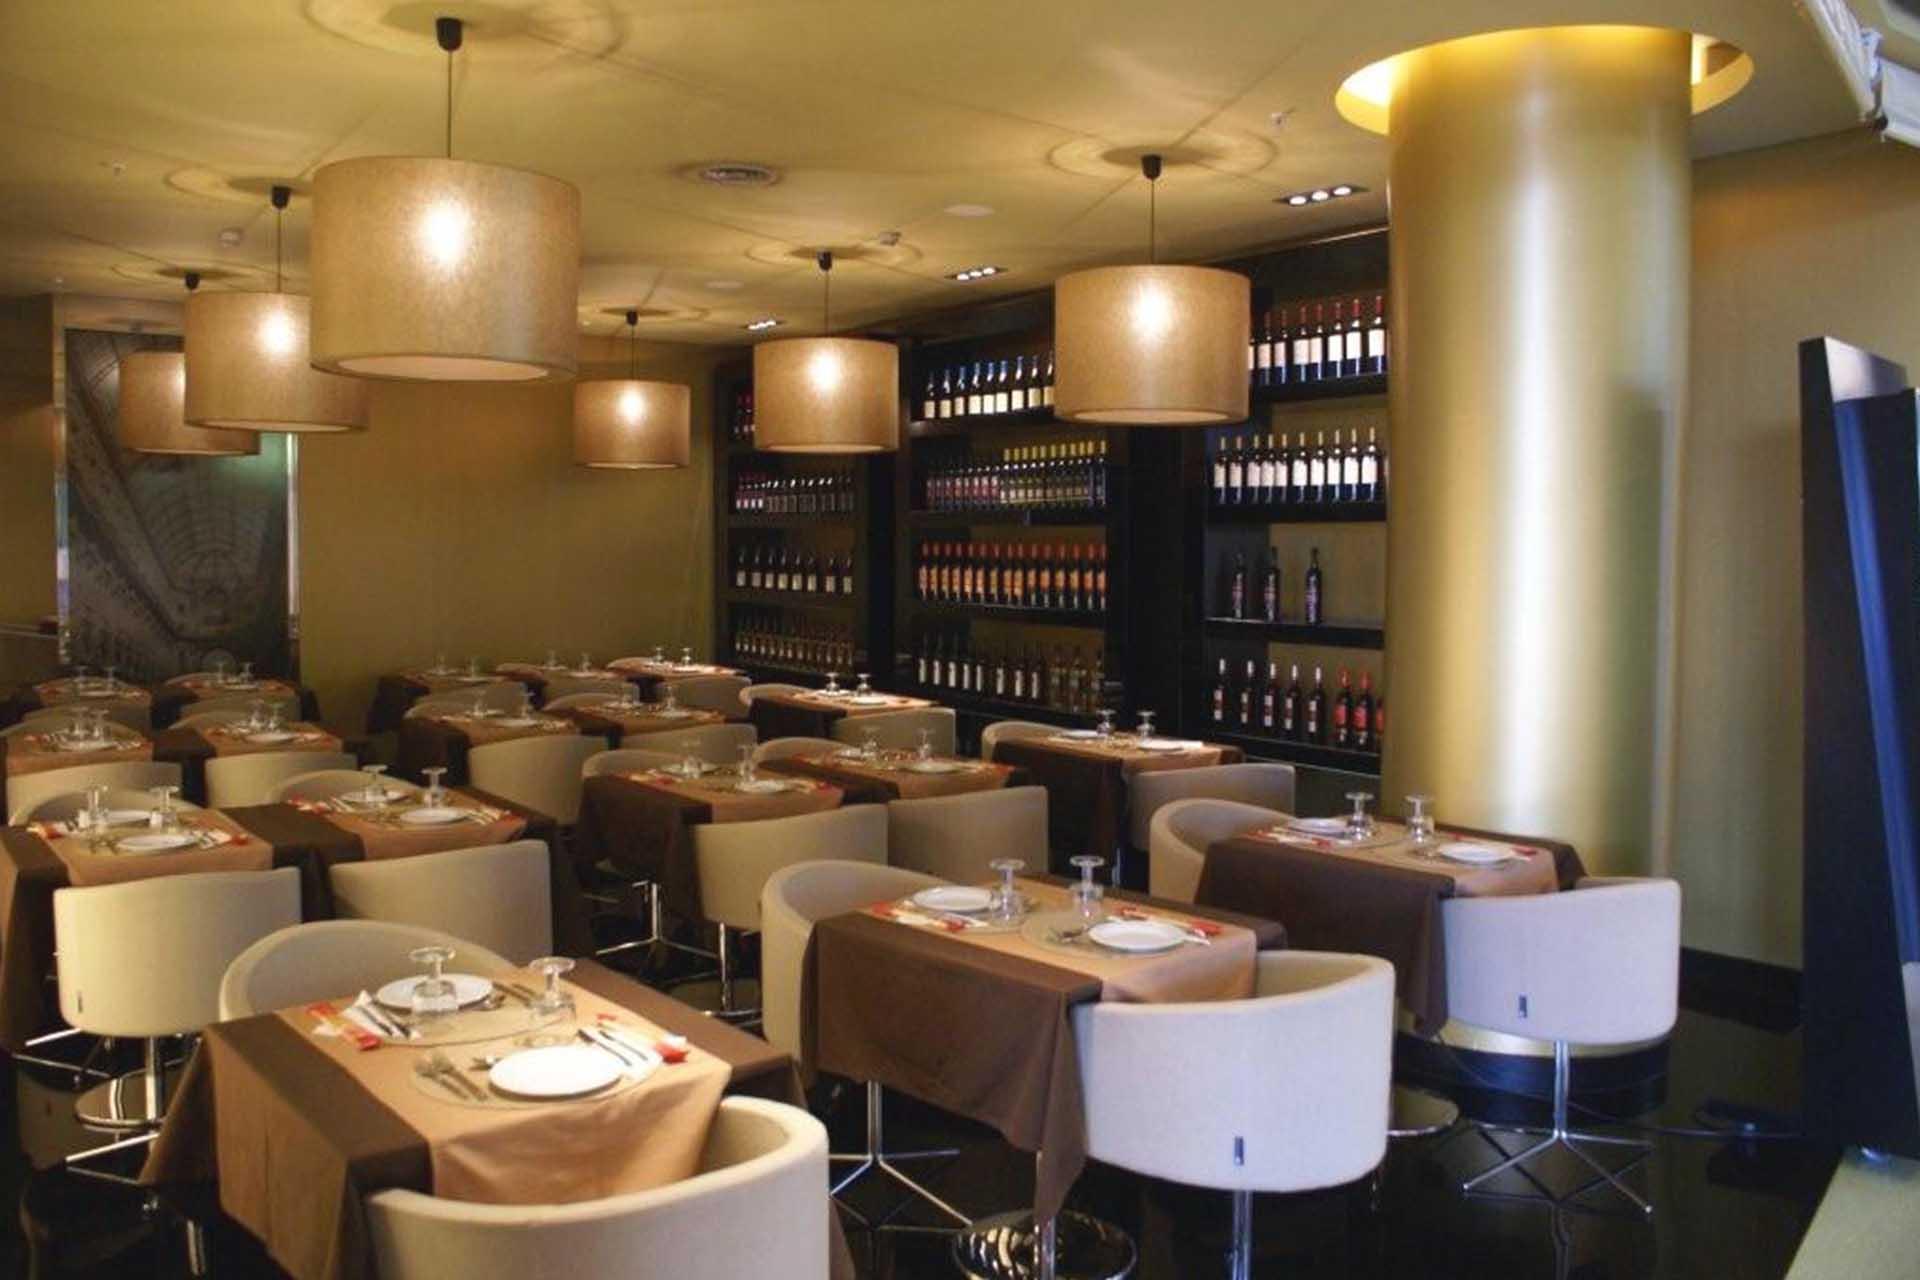 restaurante-2-1-1-1.jpg